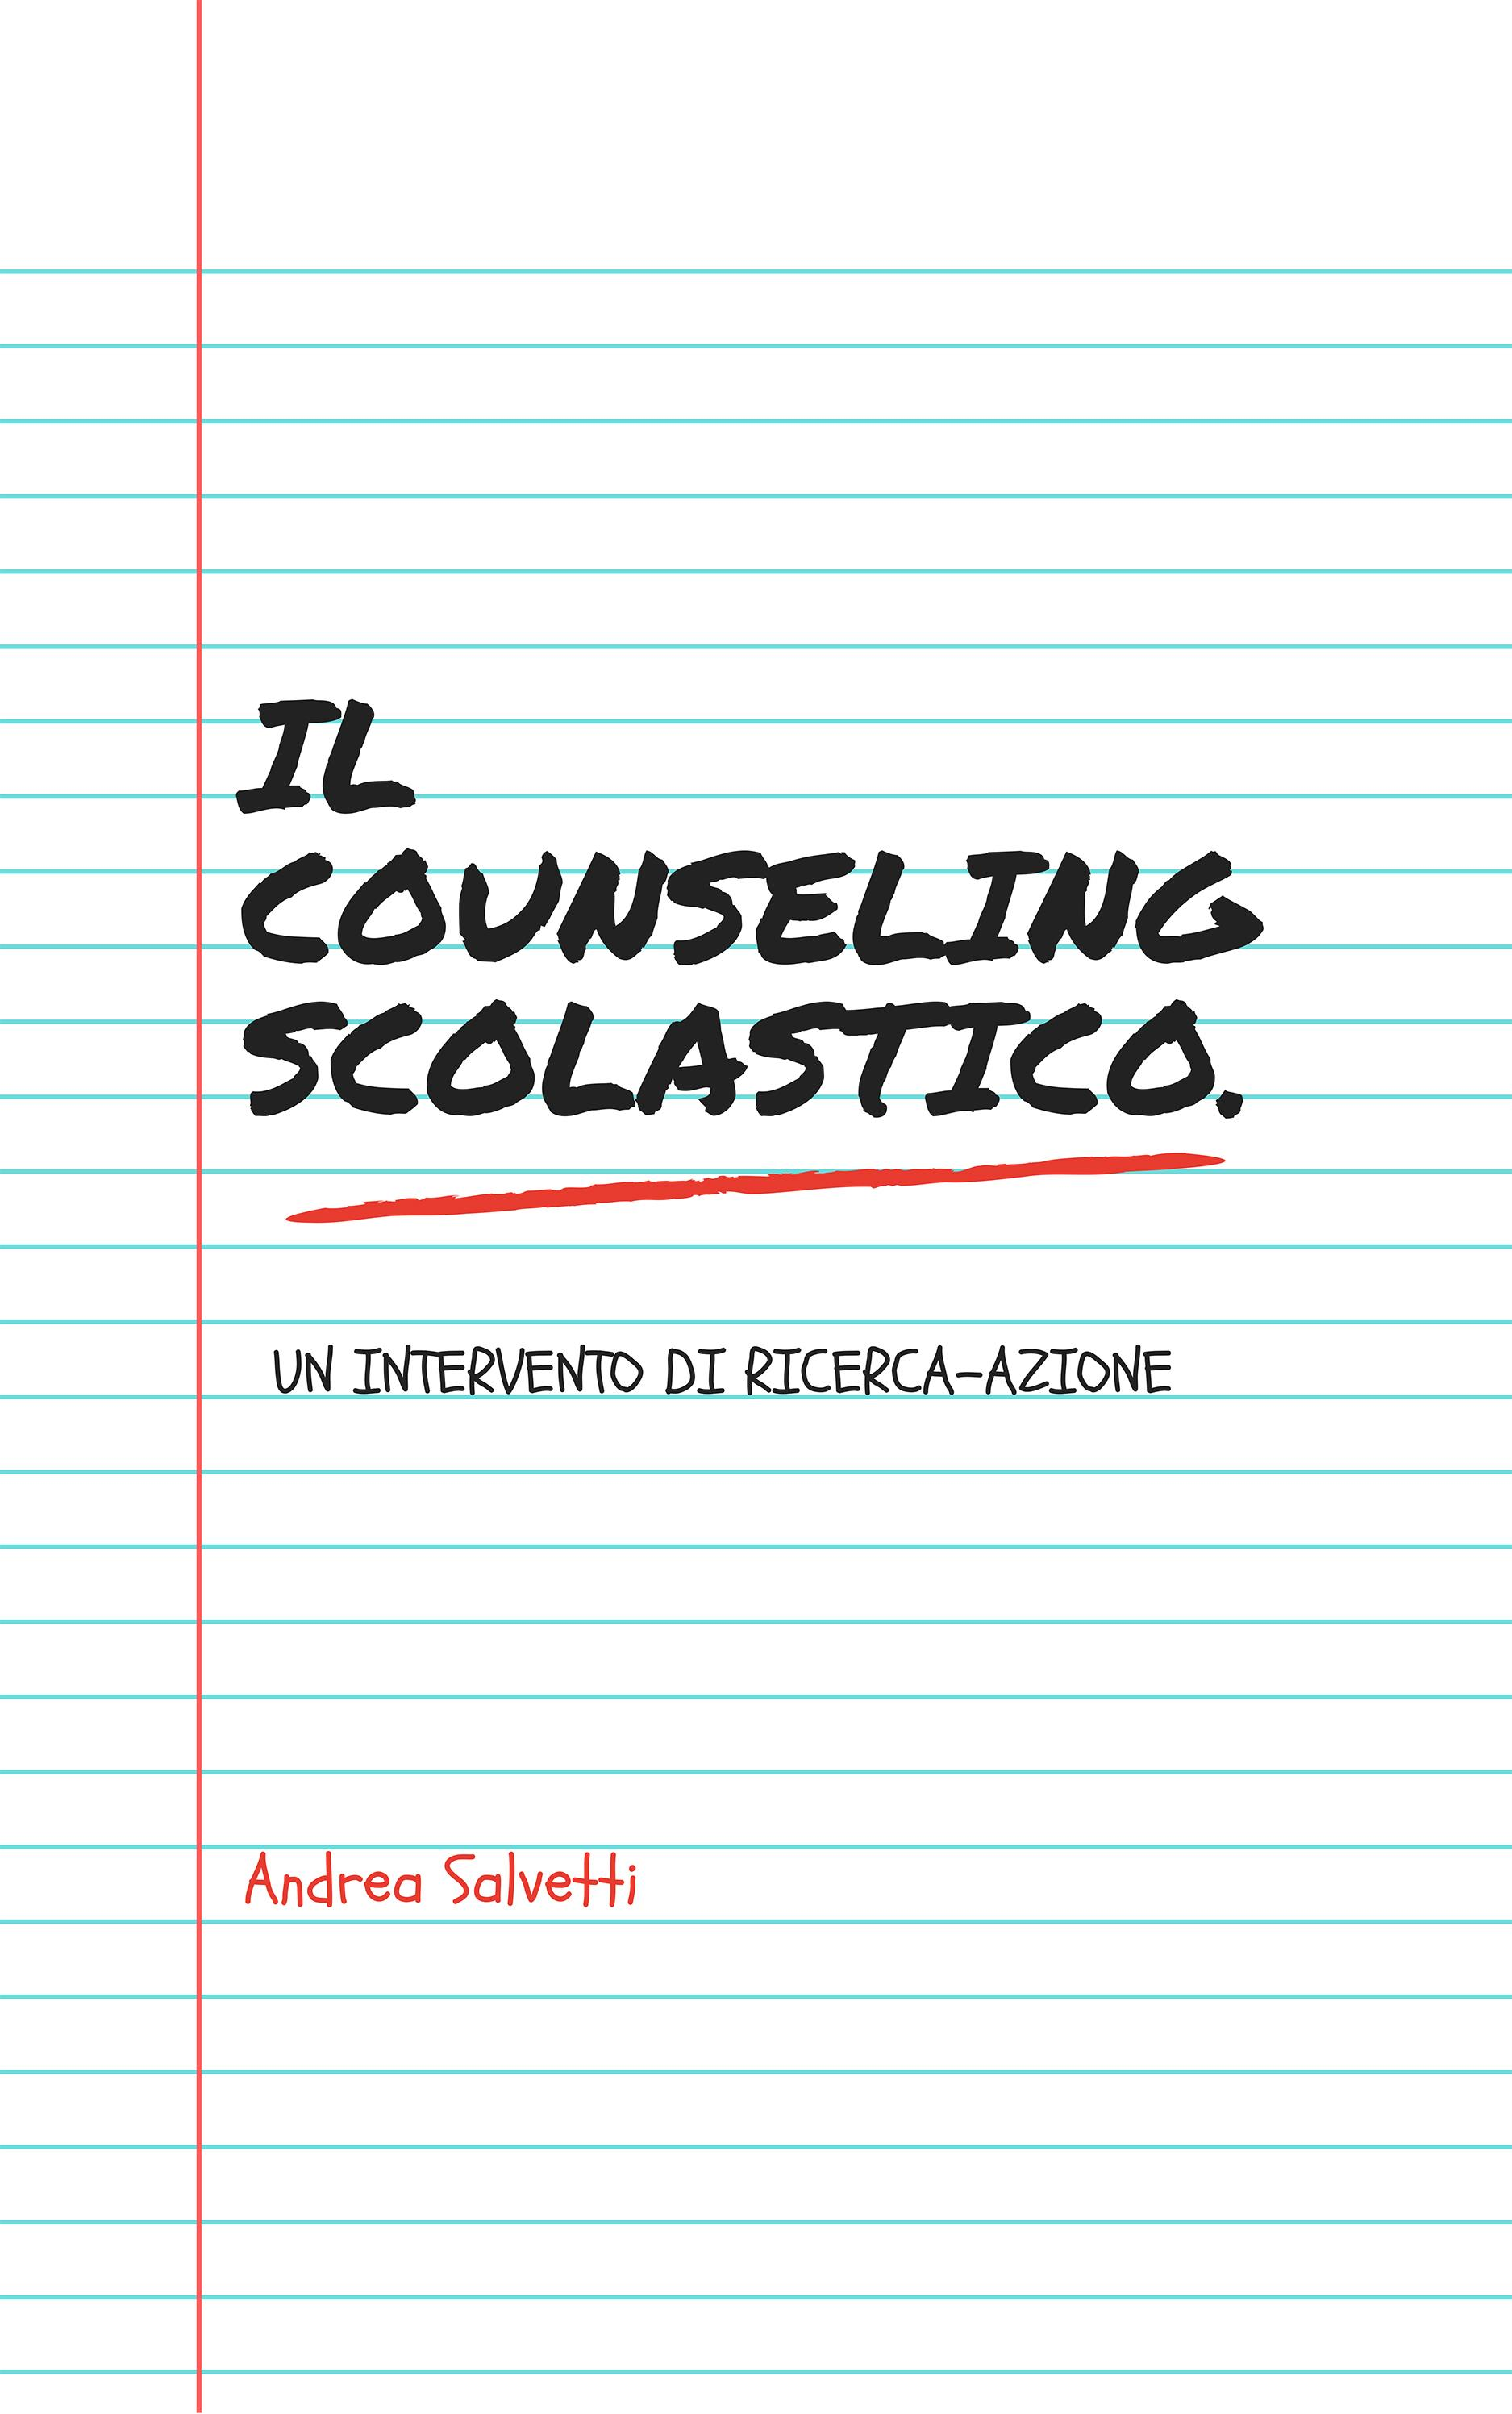 Il counseling scolastico. Un intervento di ricerca-azione